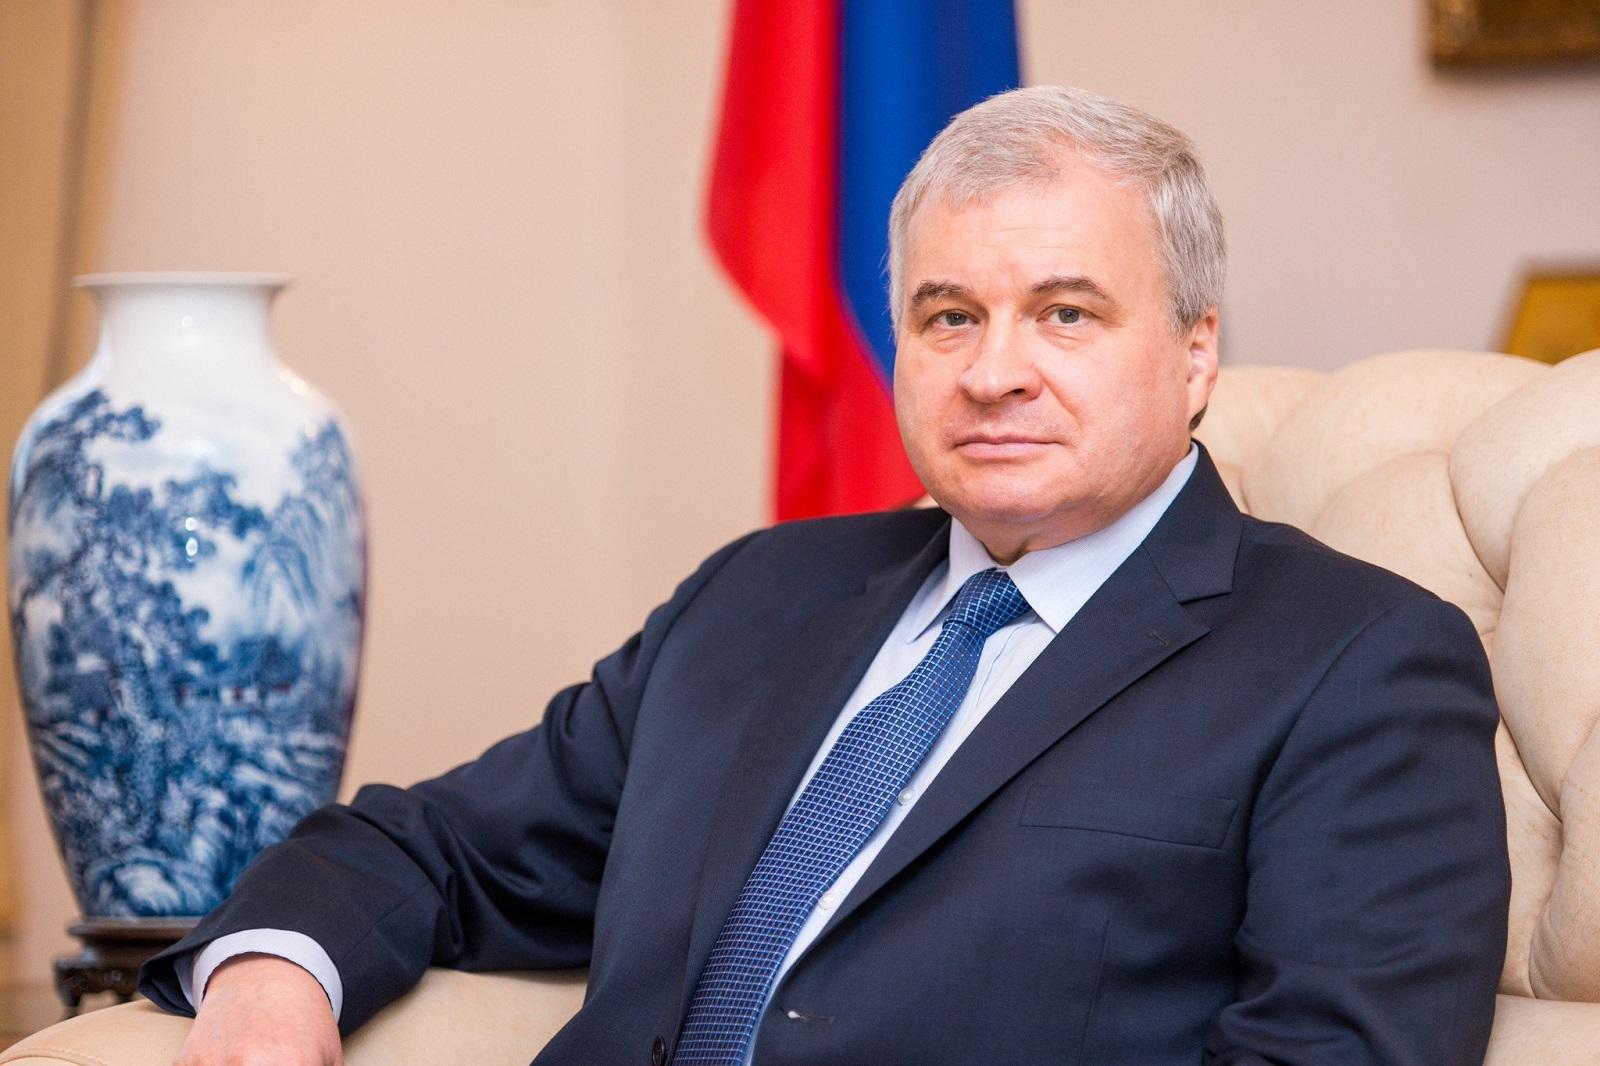 俄罗斯驻华大使杰尼索夫接受俄媒专访并探讨了中俄关系发展若干问题插图-小狮座俄罗斯留学